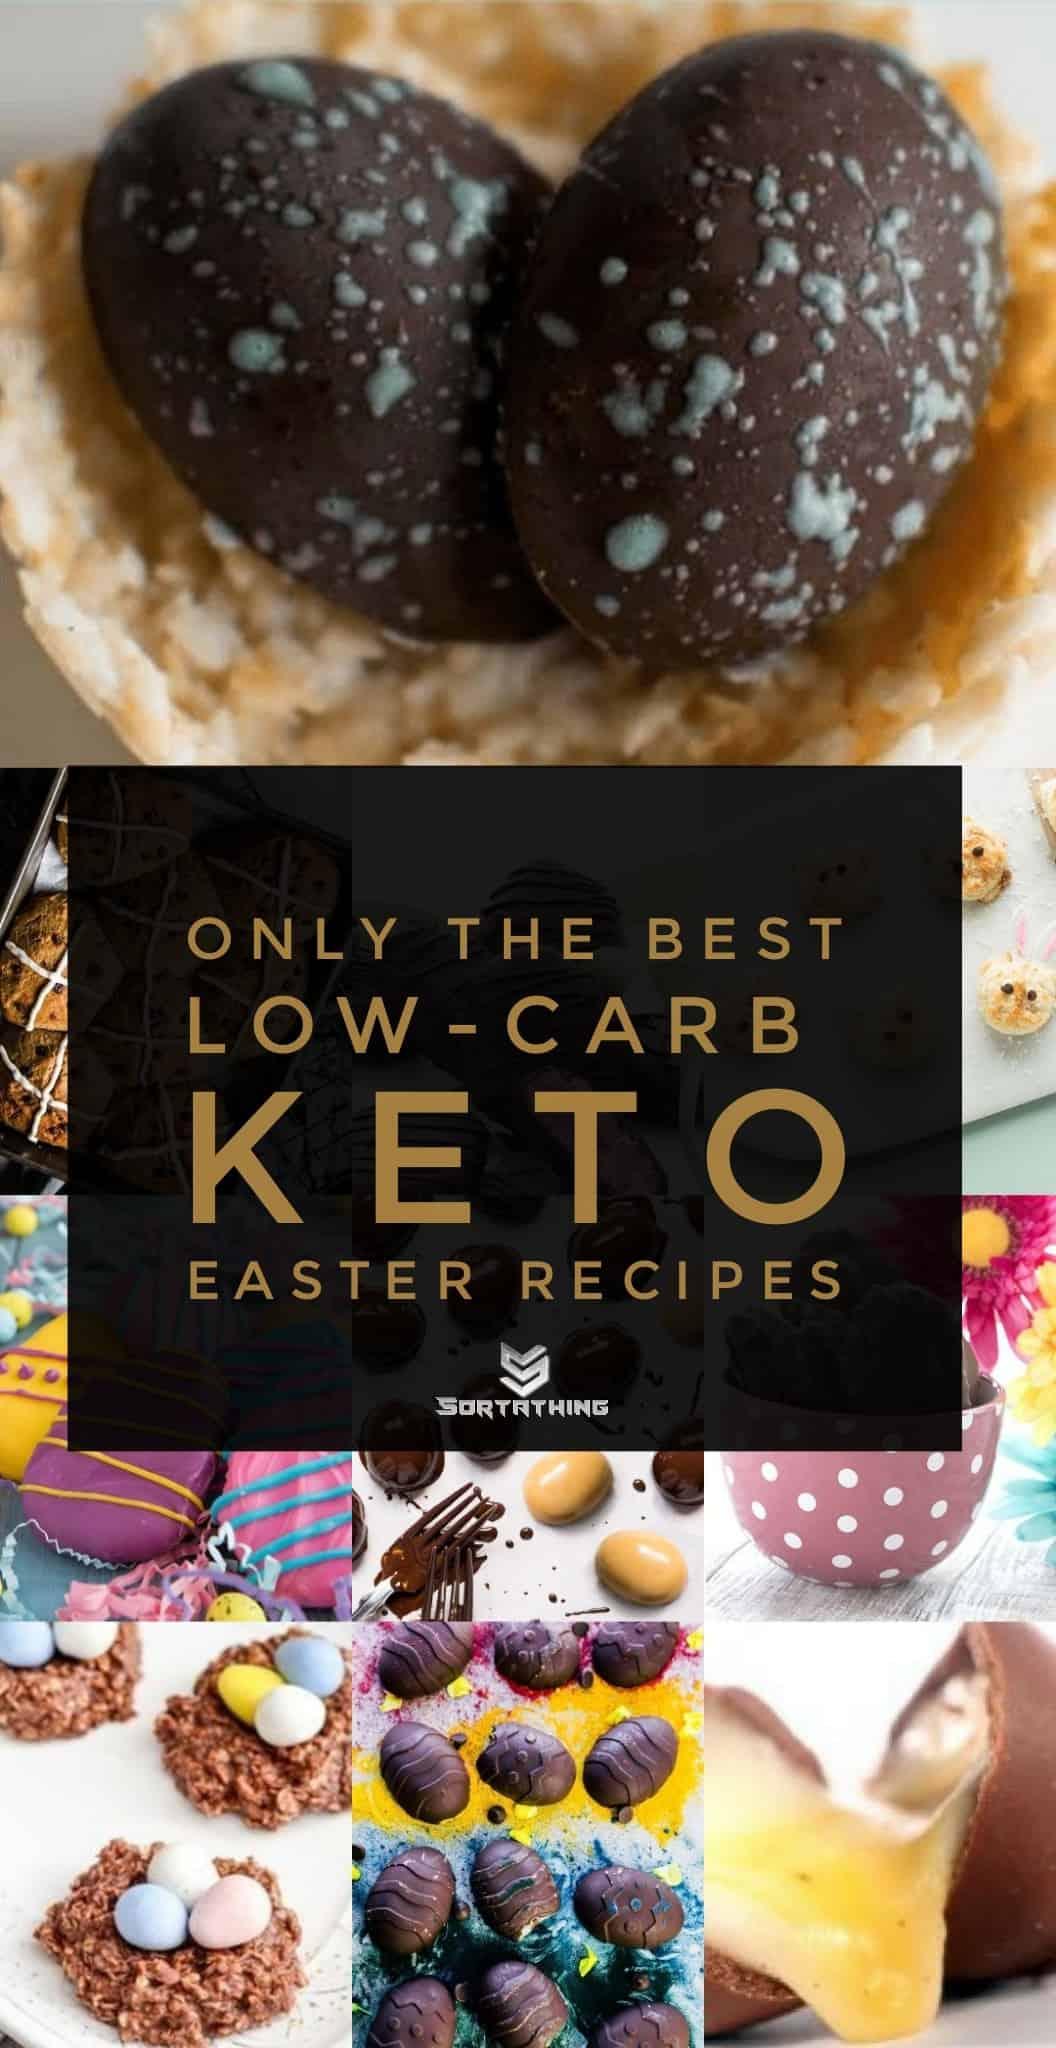 Best Keto Easter Egg Recipes 2020